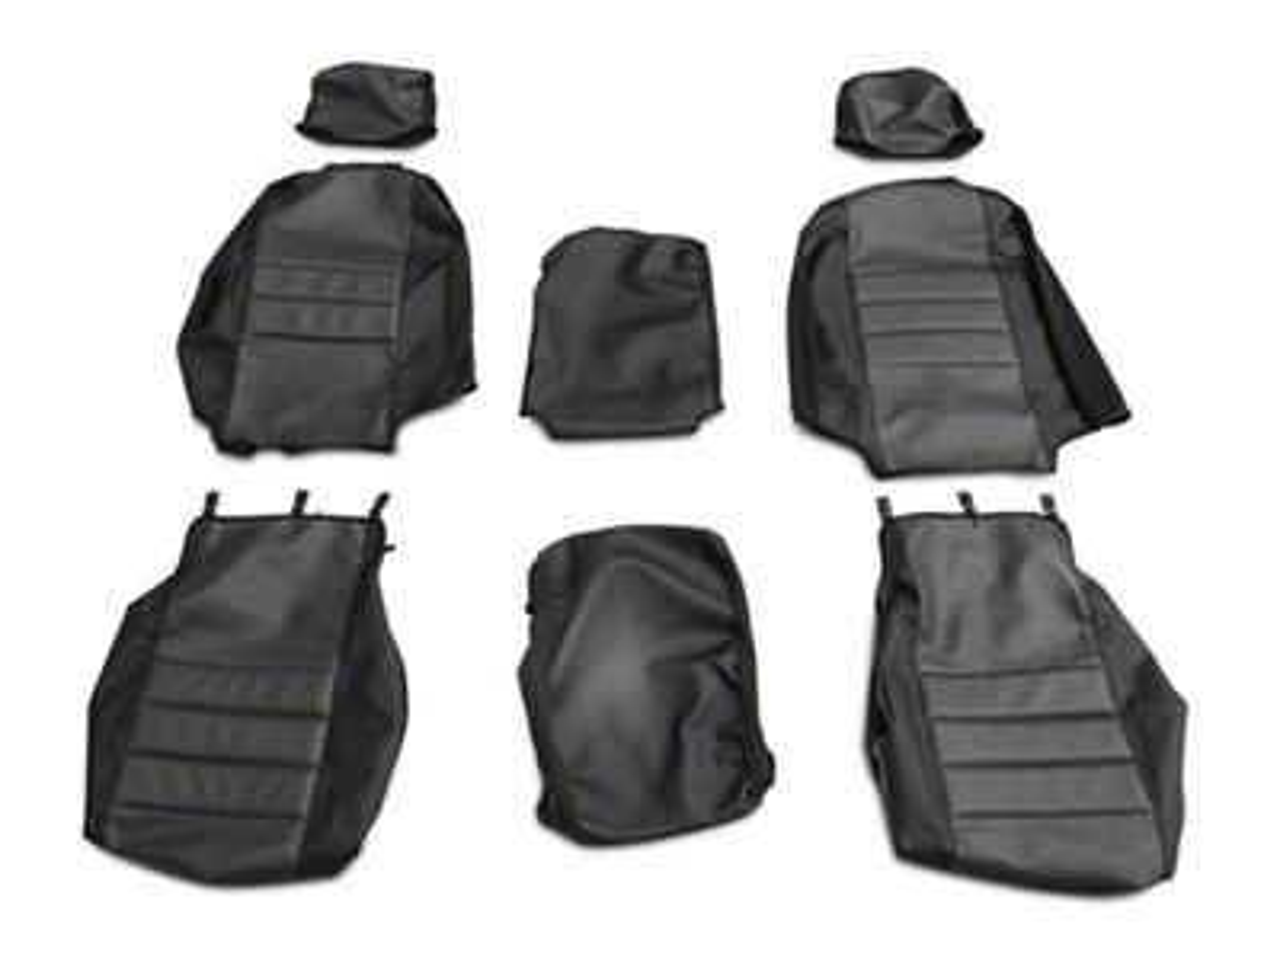 Fia Custom Fit Leatherlite Front Seat Cover - Gray (07-13 Silverado 1500 w/ Bench Seat)